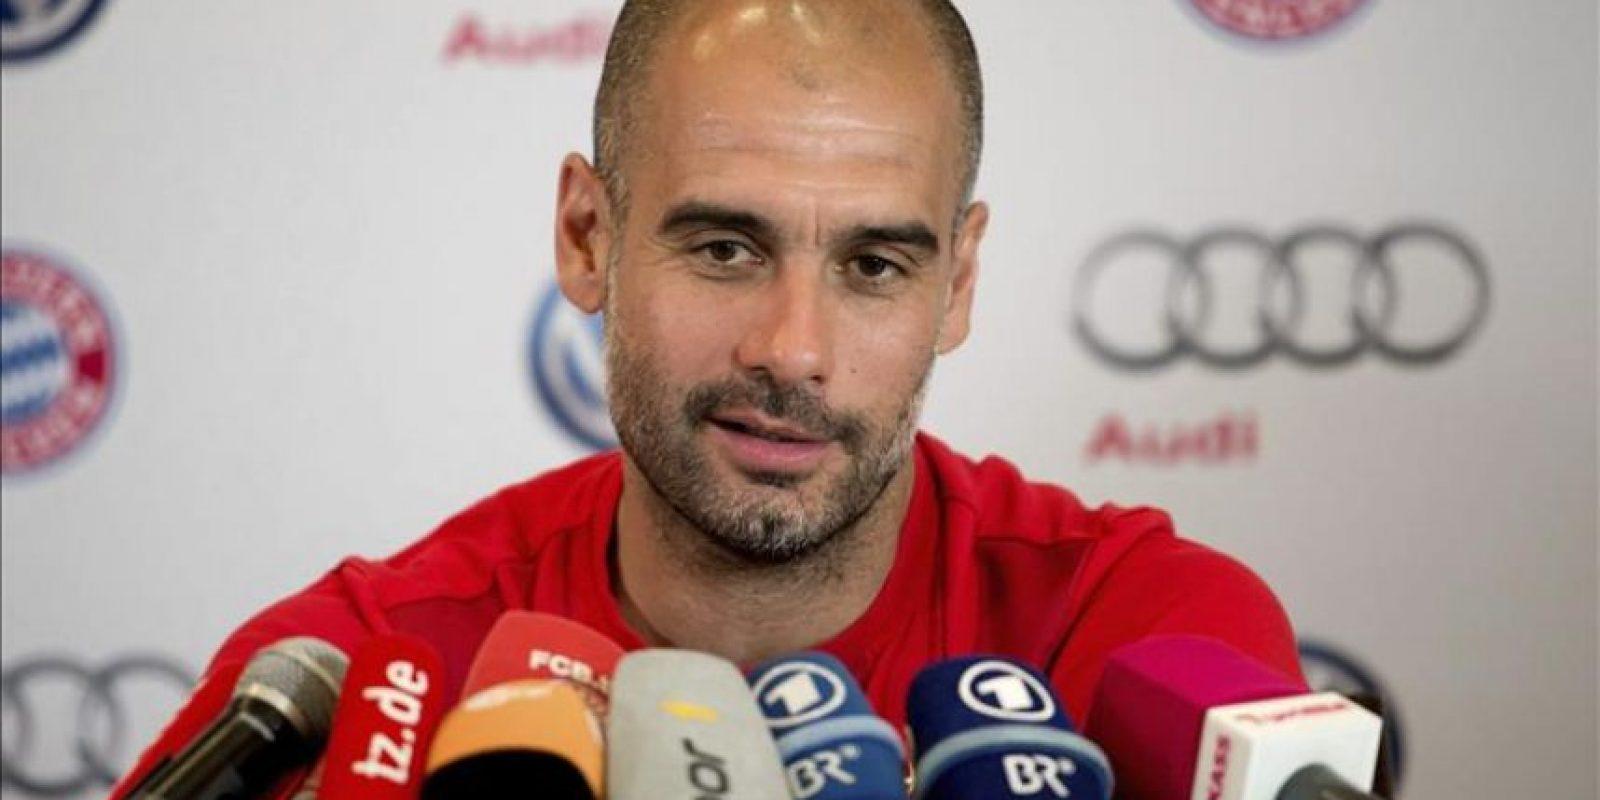 El técnico del Bayern de Múnich, el español Pep Guardiola, durante una rueda de prensa celebrada en Doha, Catar, hoy, 16 de enero de 2015. El Bayern se prepara para la segunda parte de la Bundesliga en el emirato hasta el próximo 17 de enero. EFE